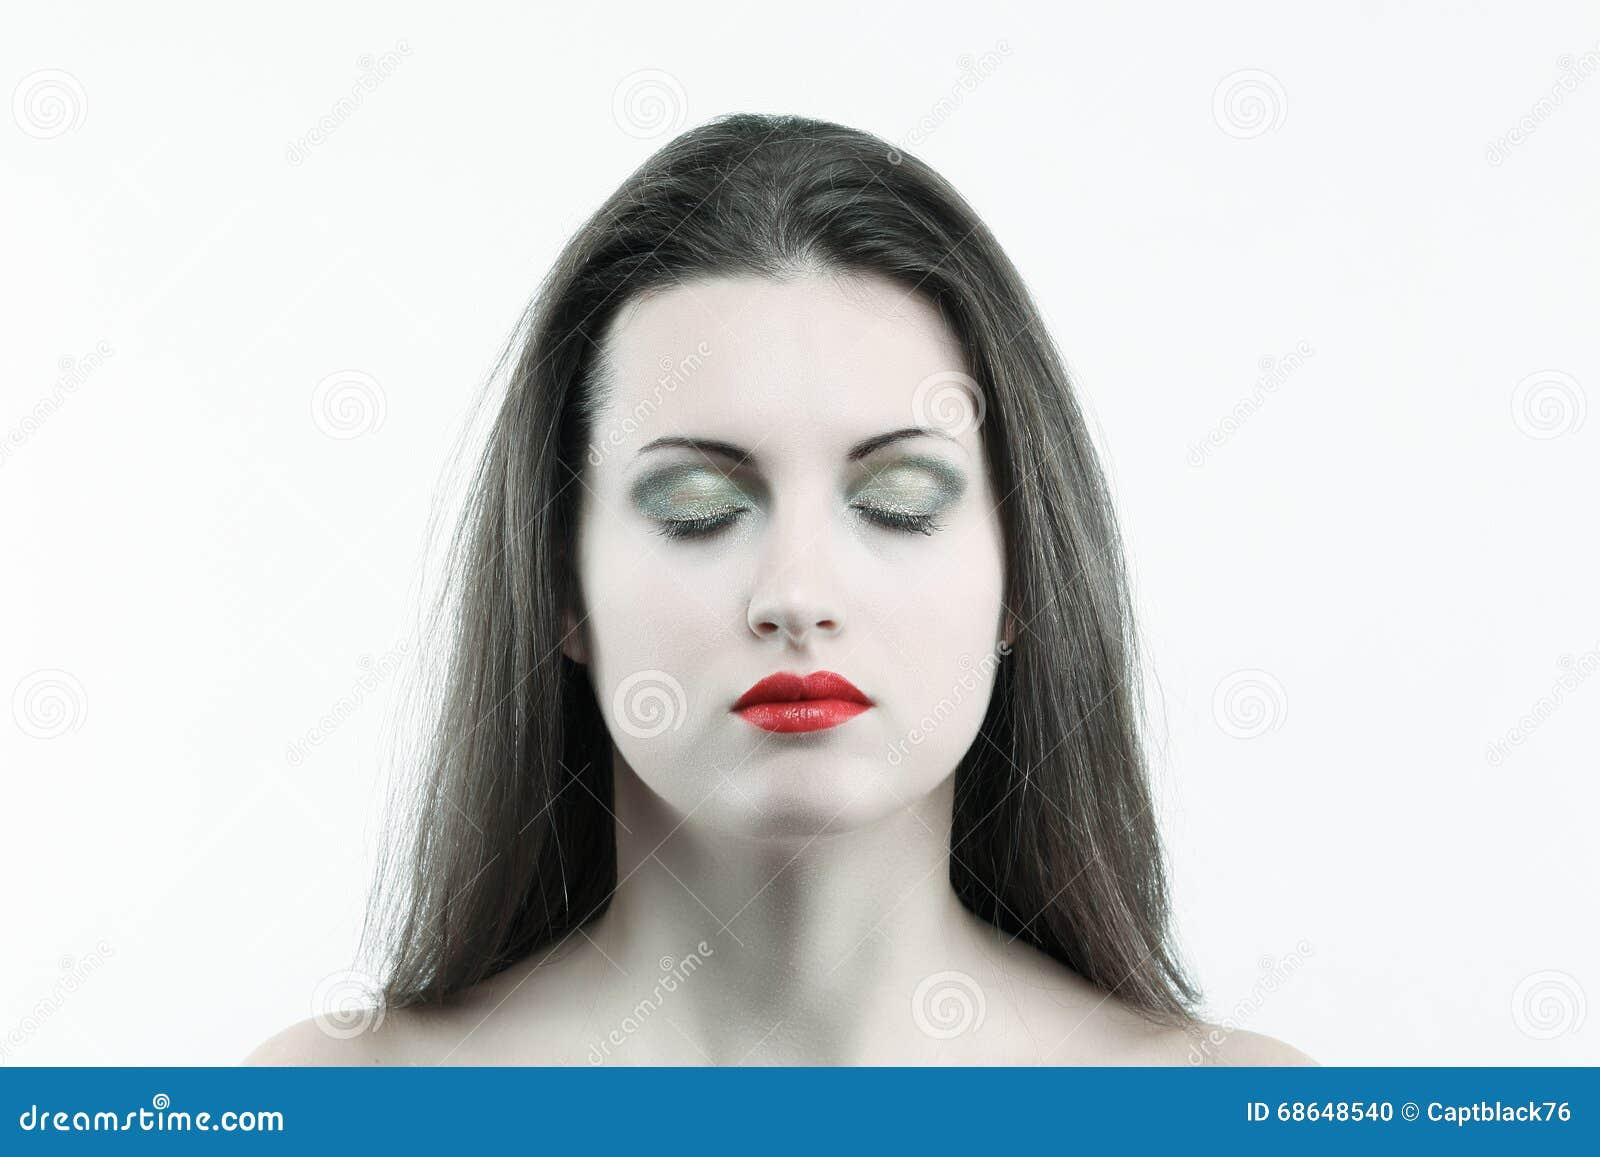 闭上�9�/9/h9�9��o^�_有闭上的眼睛的白皮肤妇女